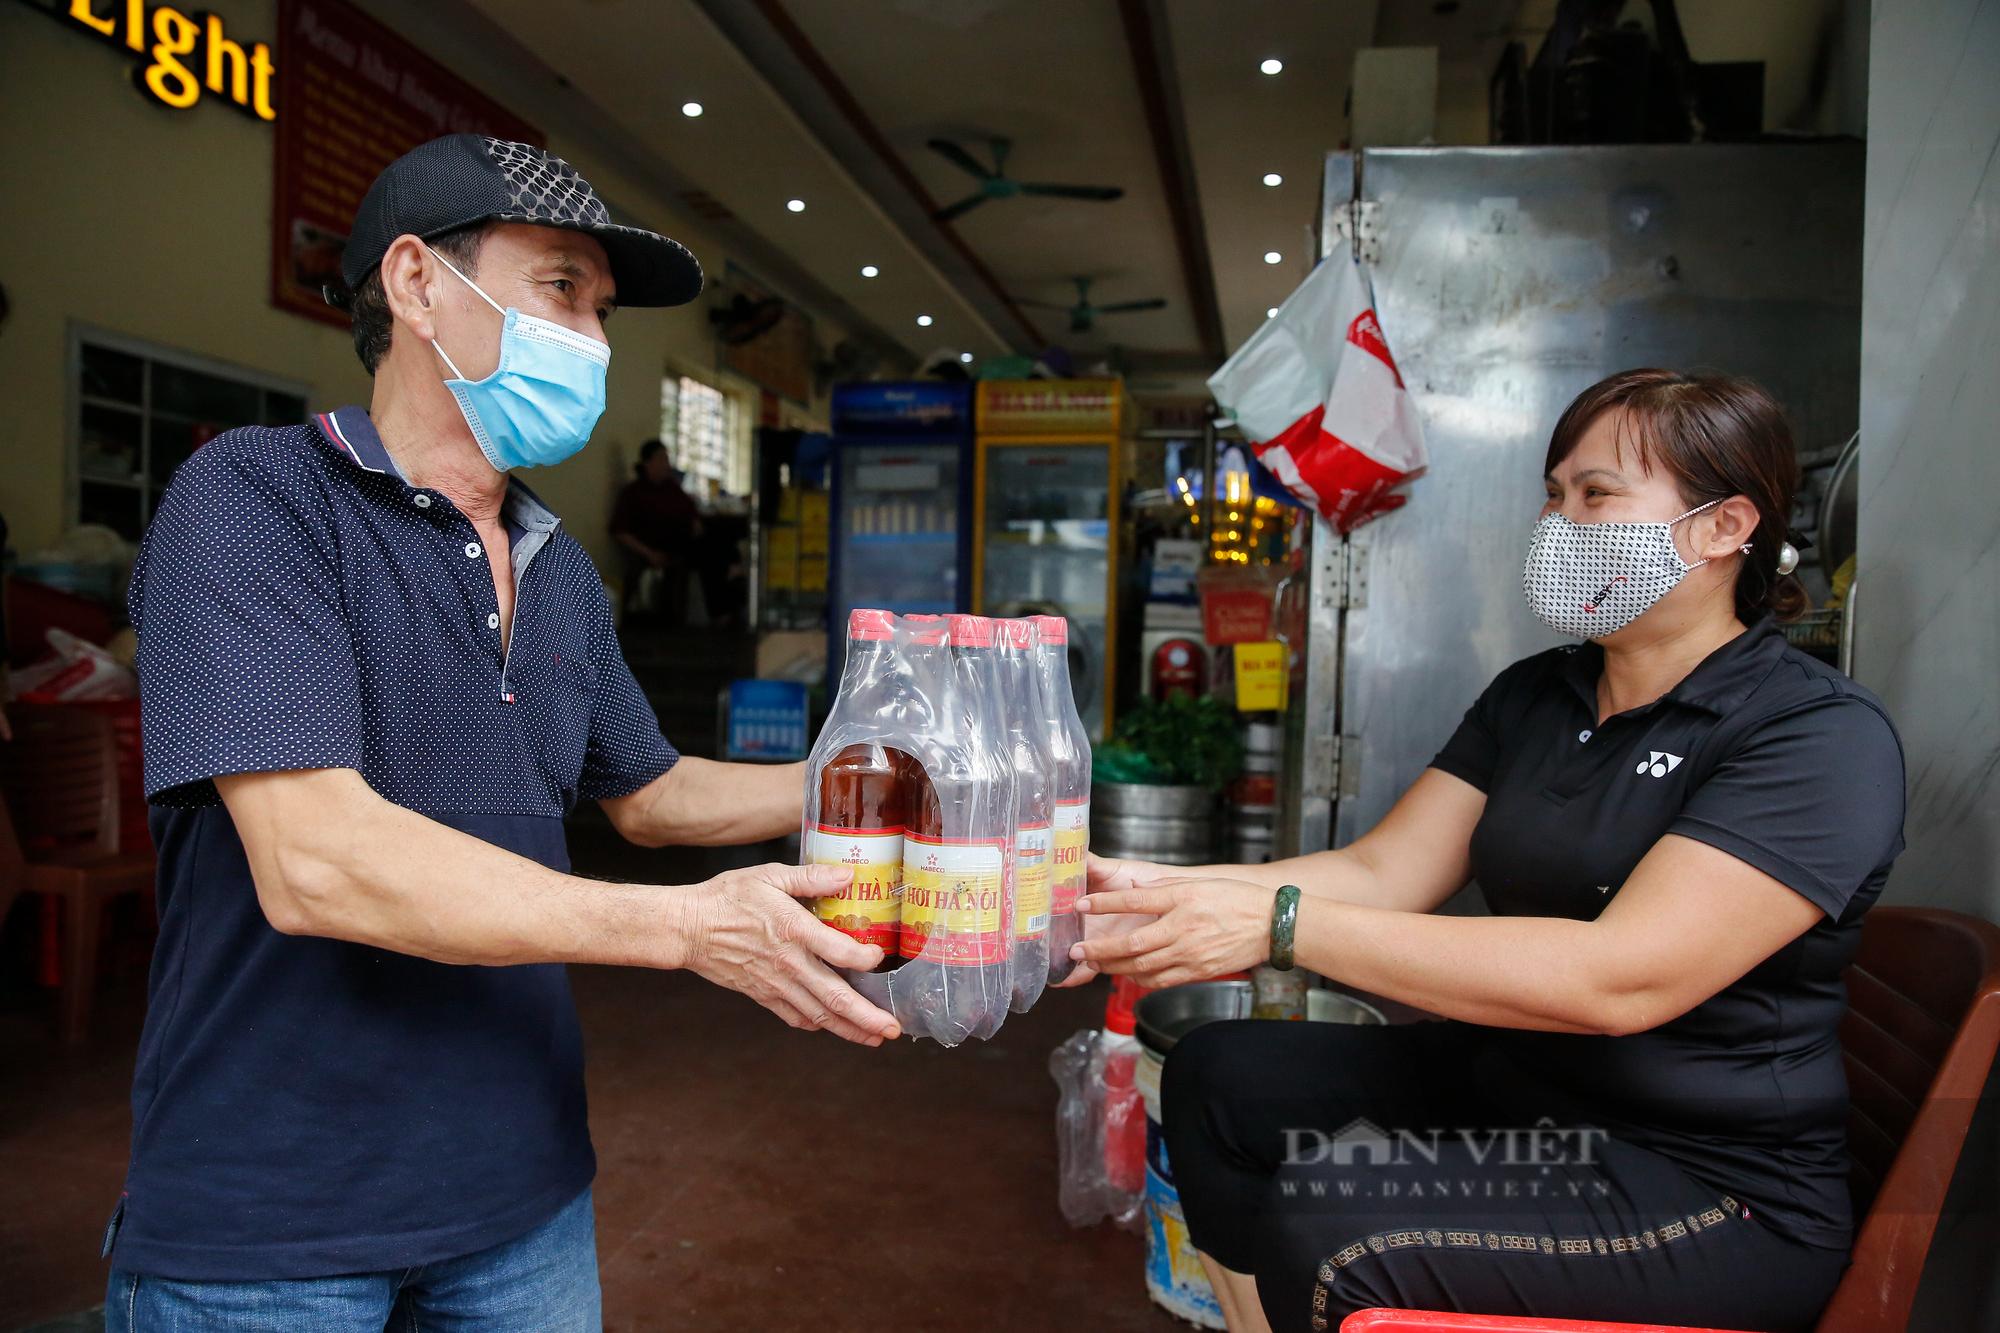 Bia hơi Hà Nội bắt đầu nhộn nhịp người mua mang về  - Ảnh 4.